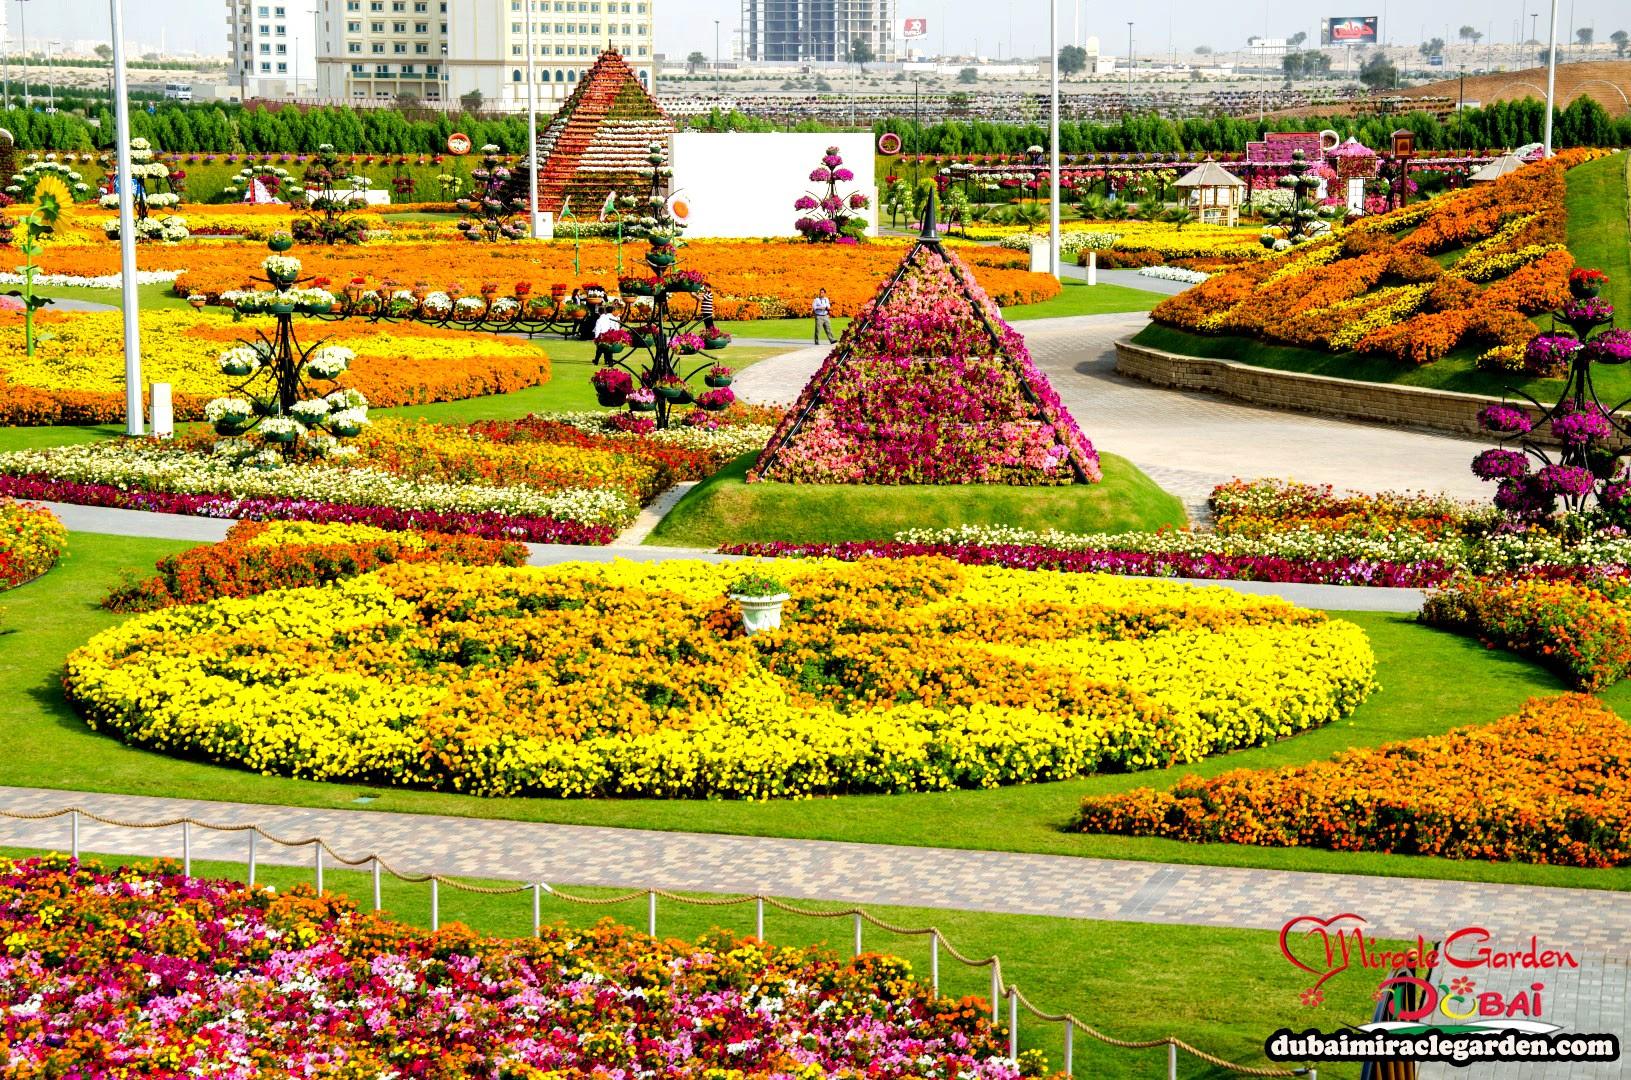 Dubai Miracle Garden 19